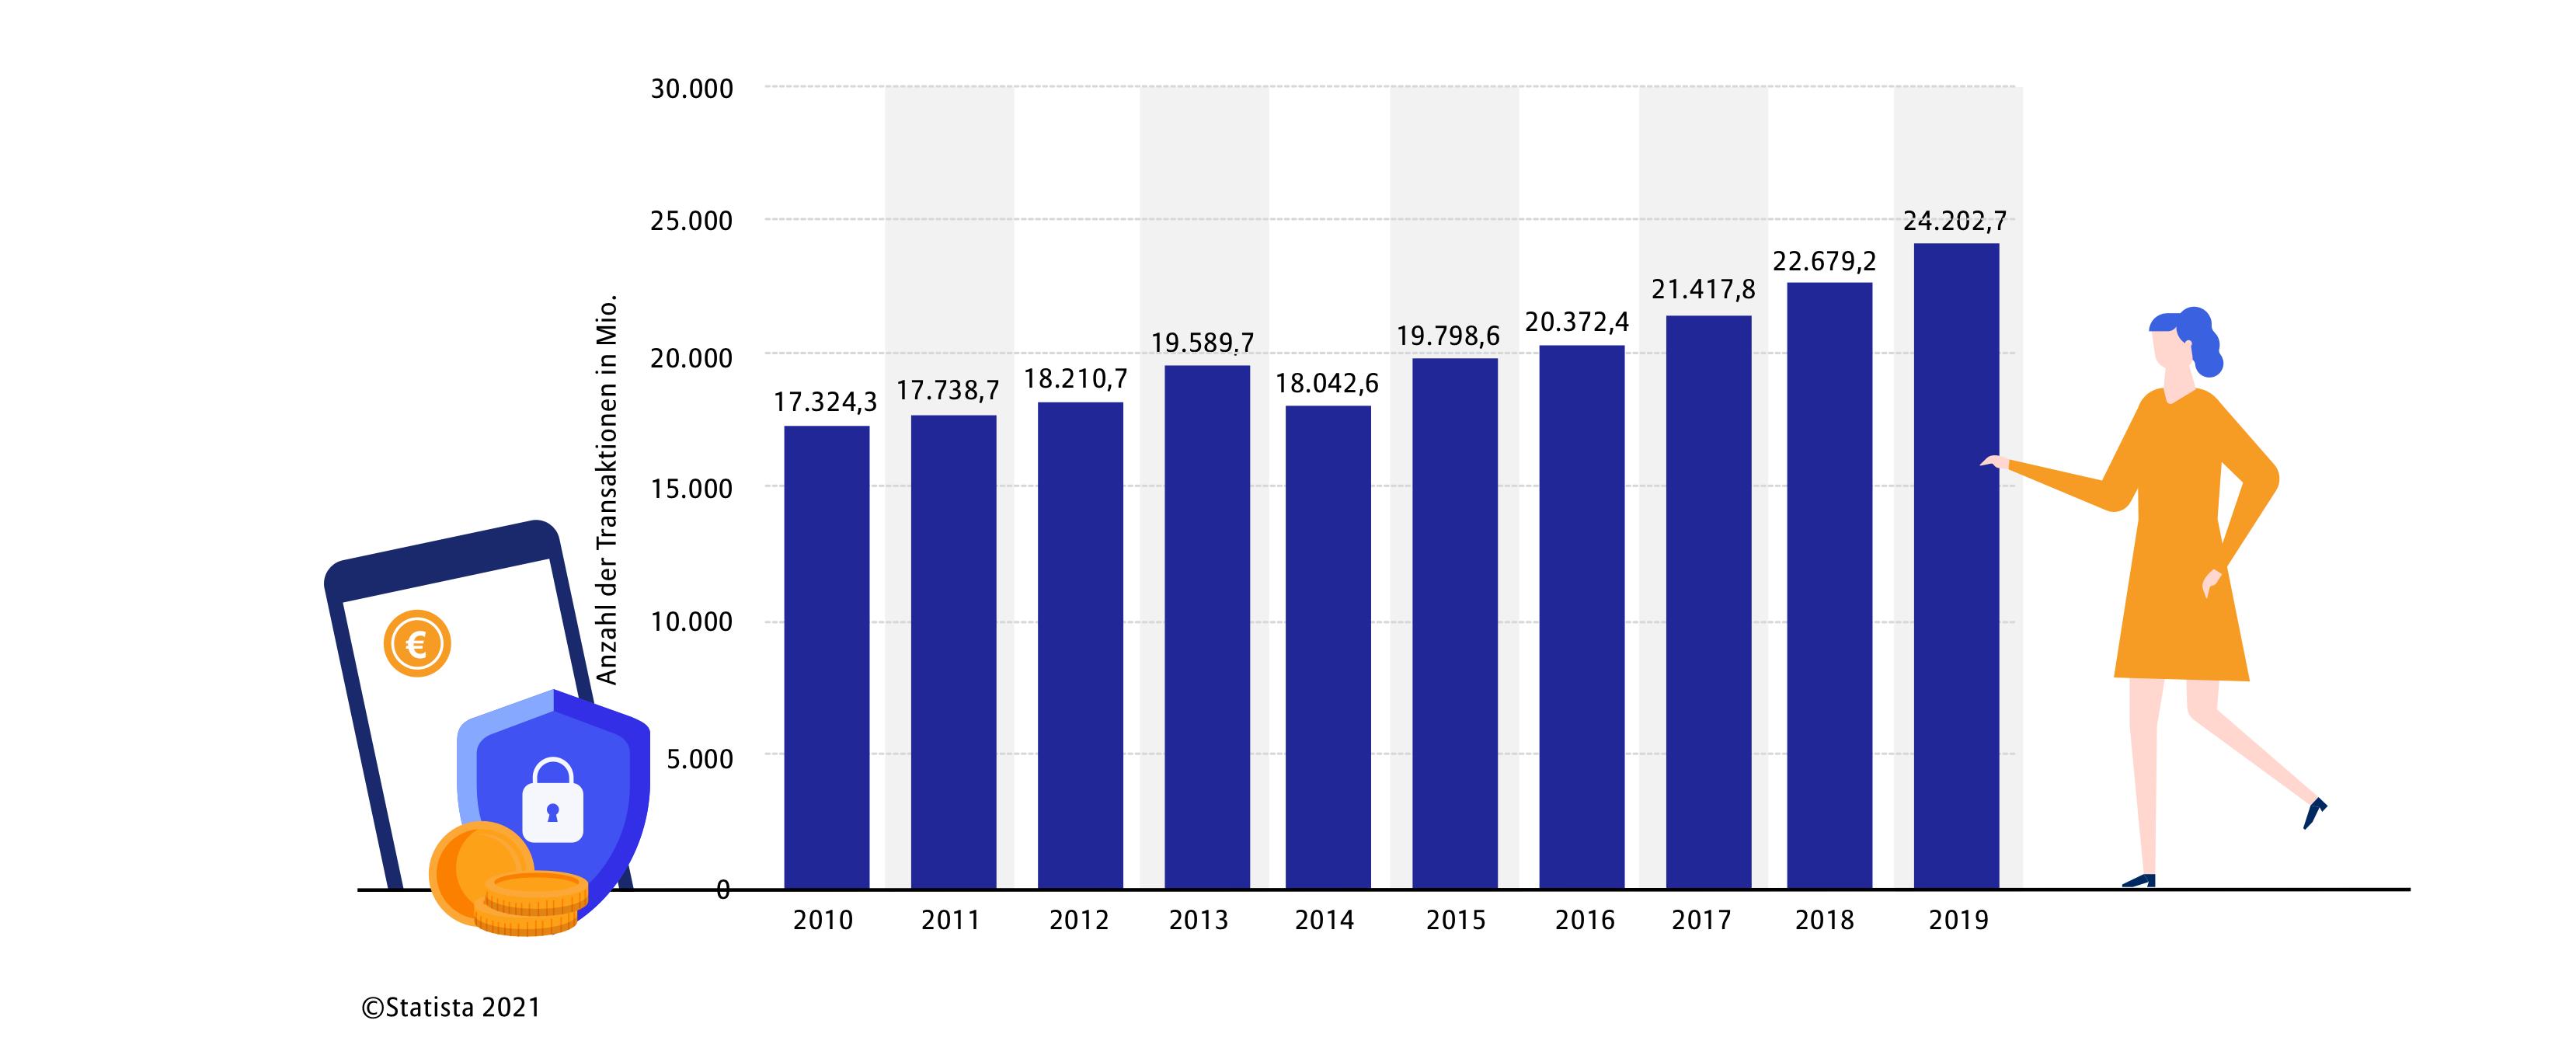 E-Euro: Verlauf bargeldloser Bezahlung über die Jahre